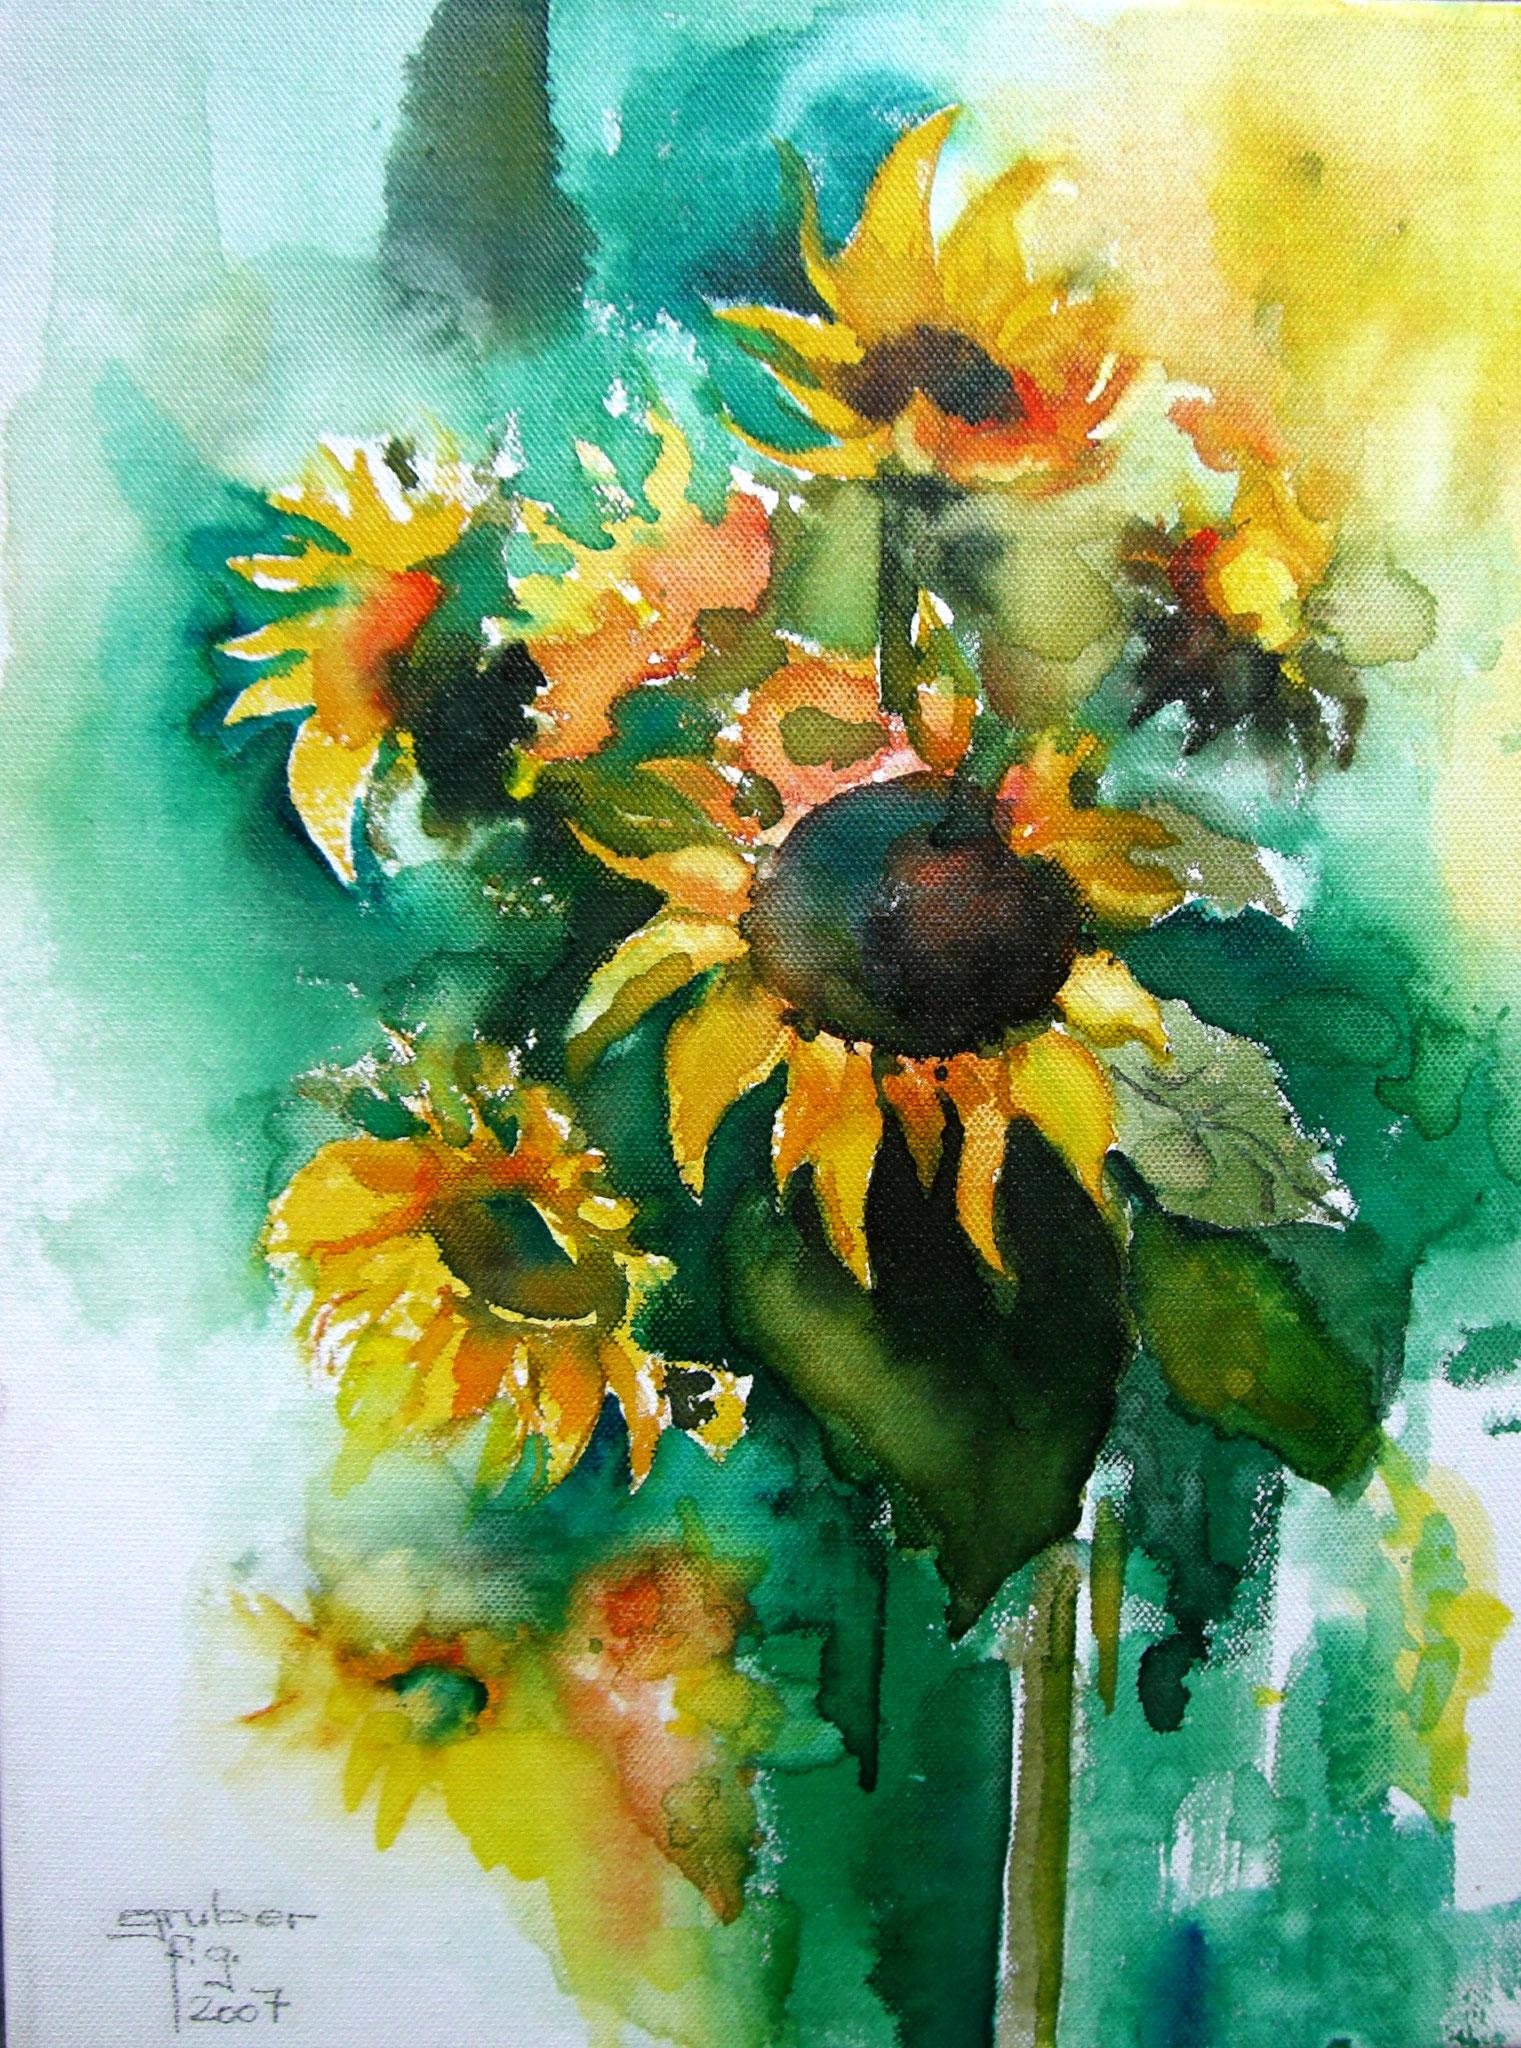 aquarell auf leinen - sonnenblumen